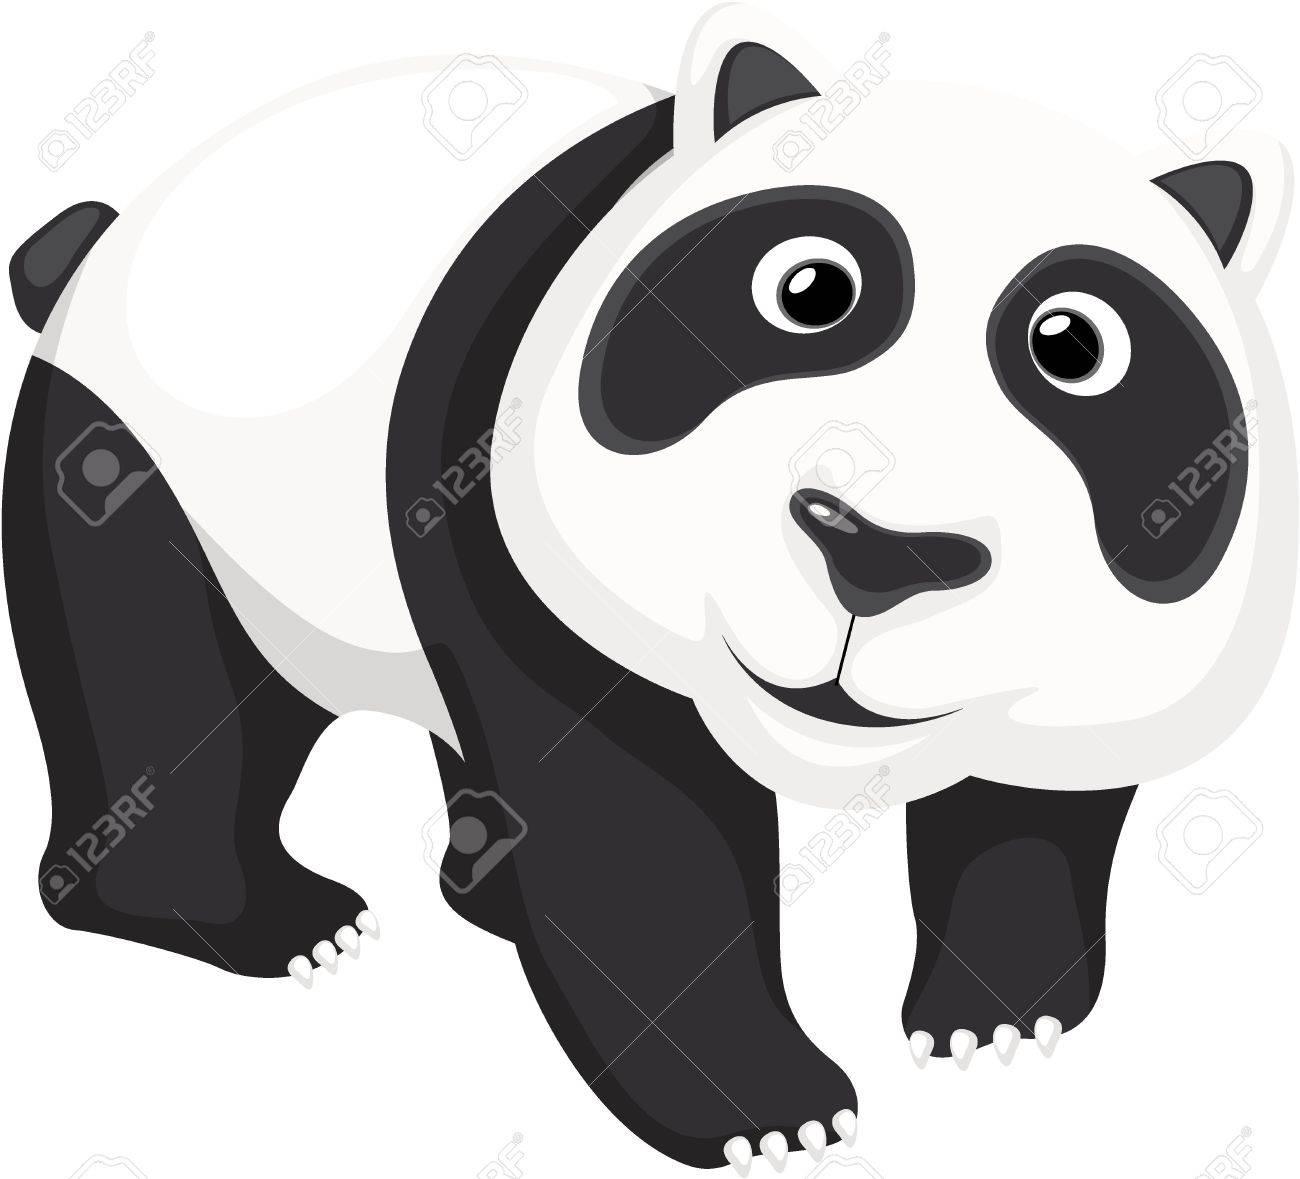 Illustration of a cute panda bear Stock Vector - 13494300